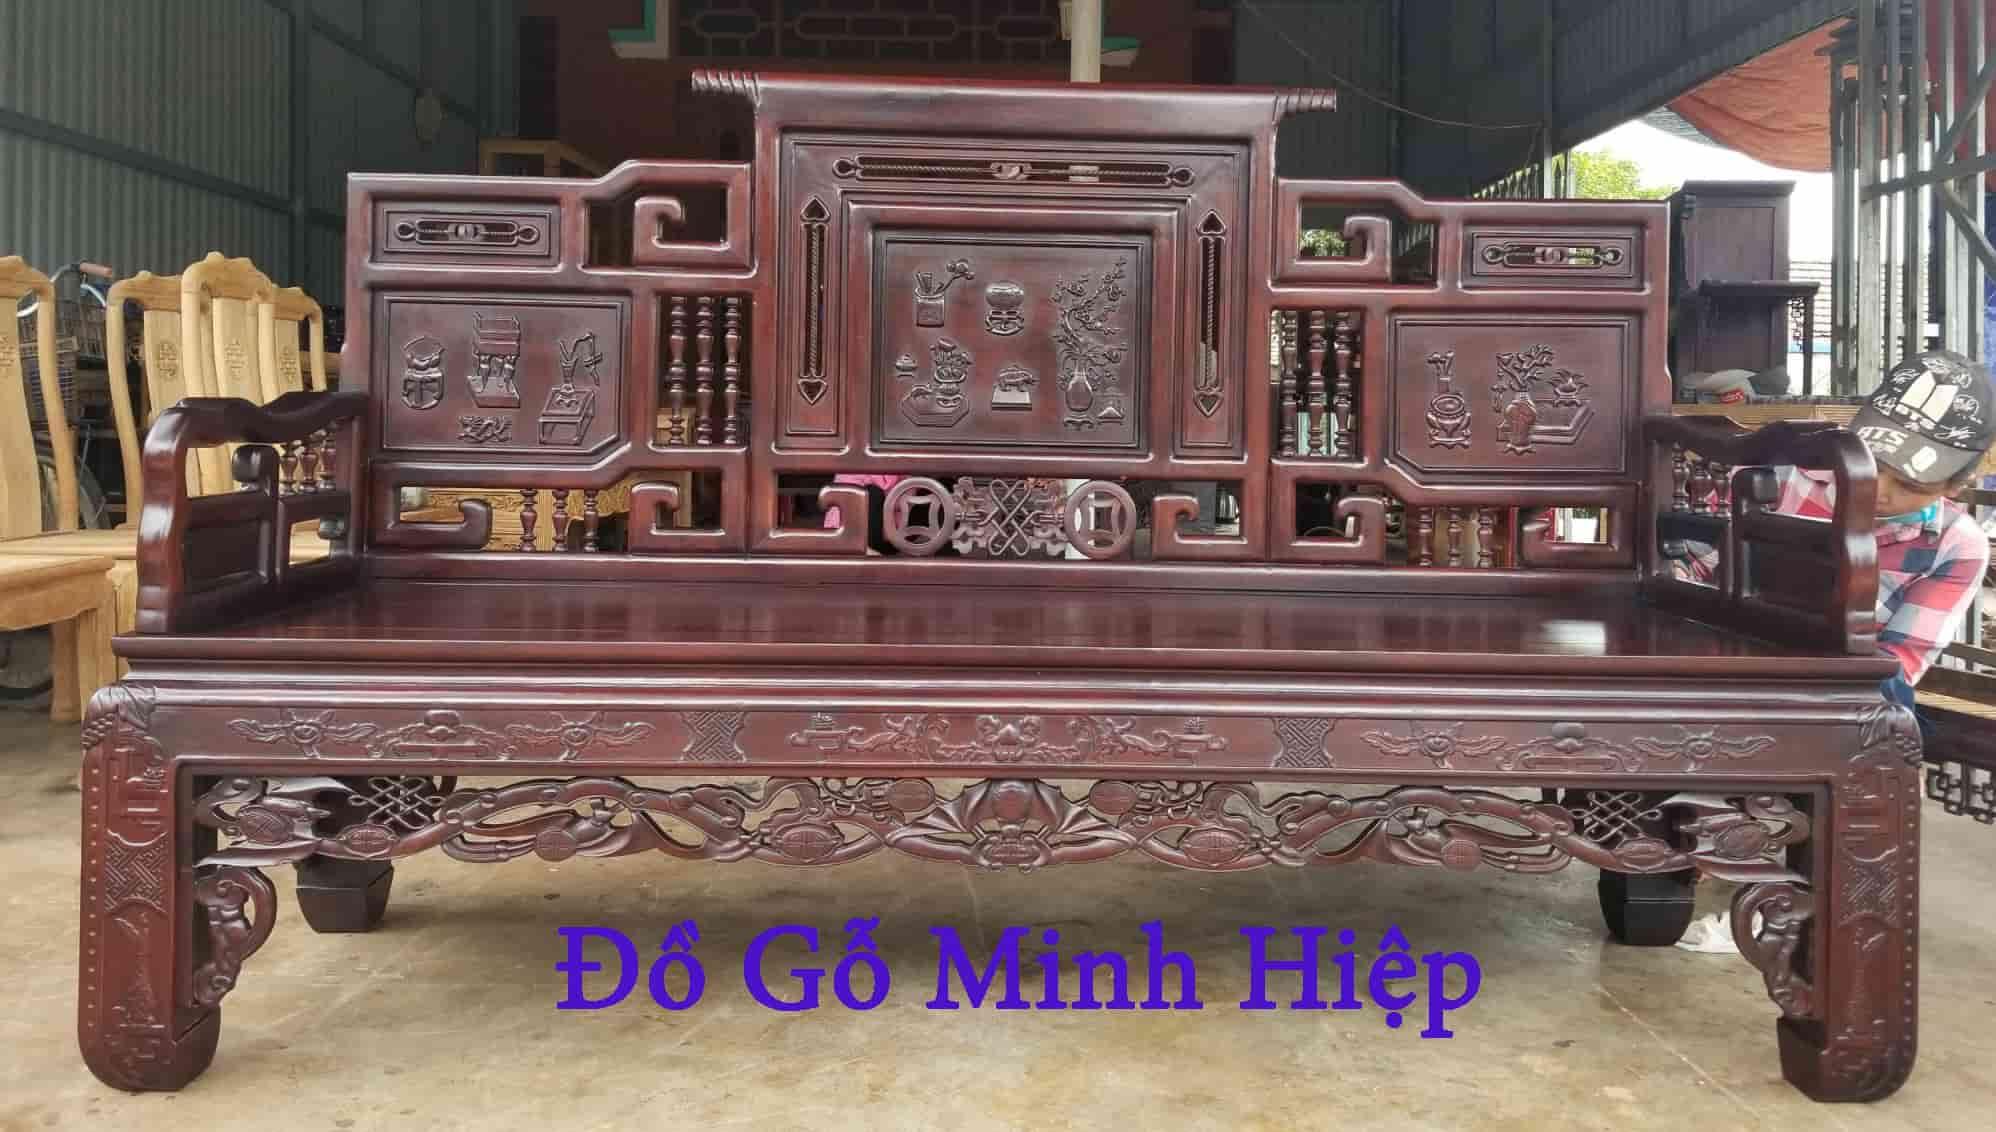 truong-ky-do-go-minh-hiep